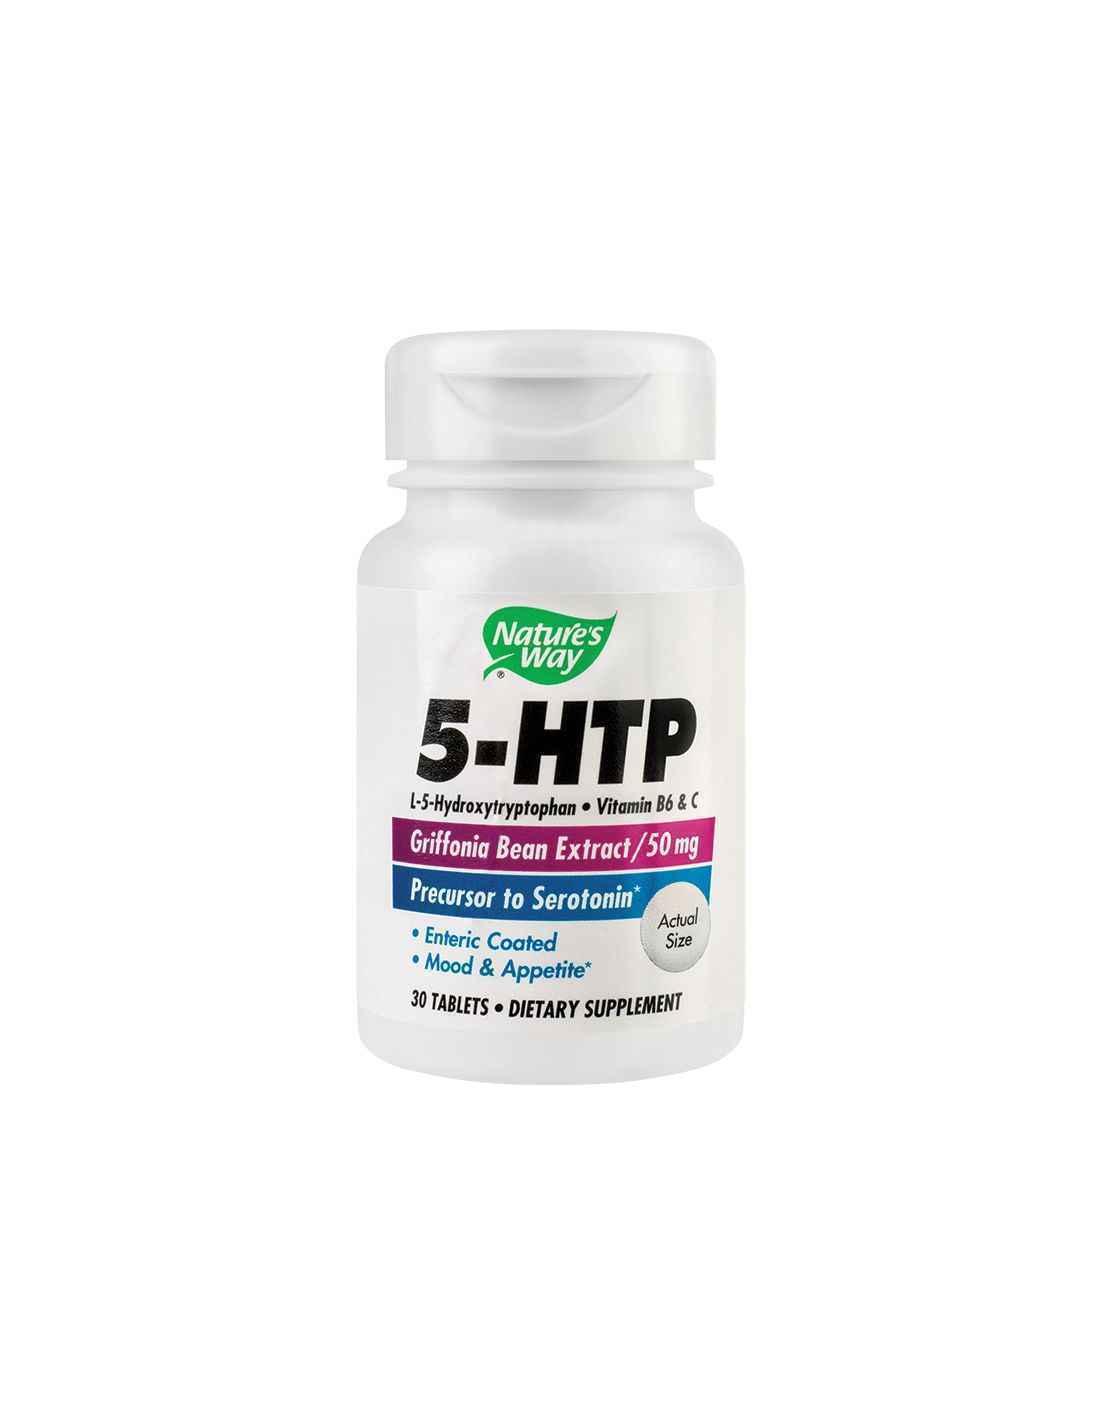 Poate 5-HTP ajuta la pierderea în greutate